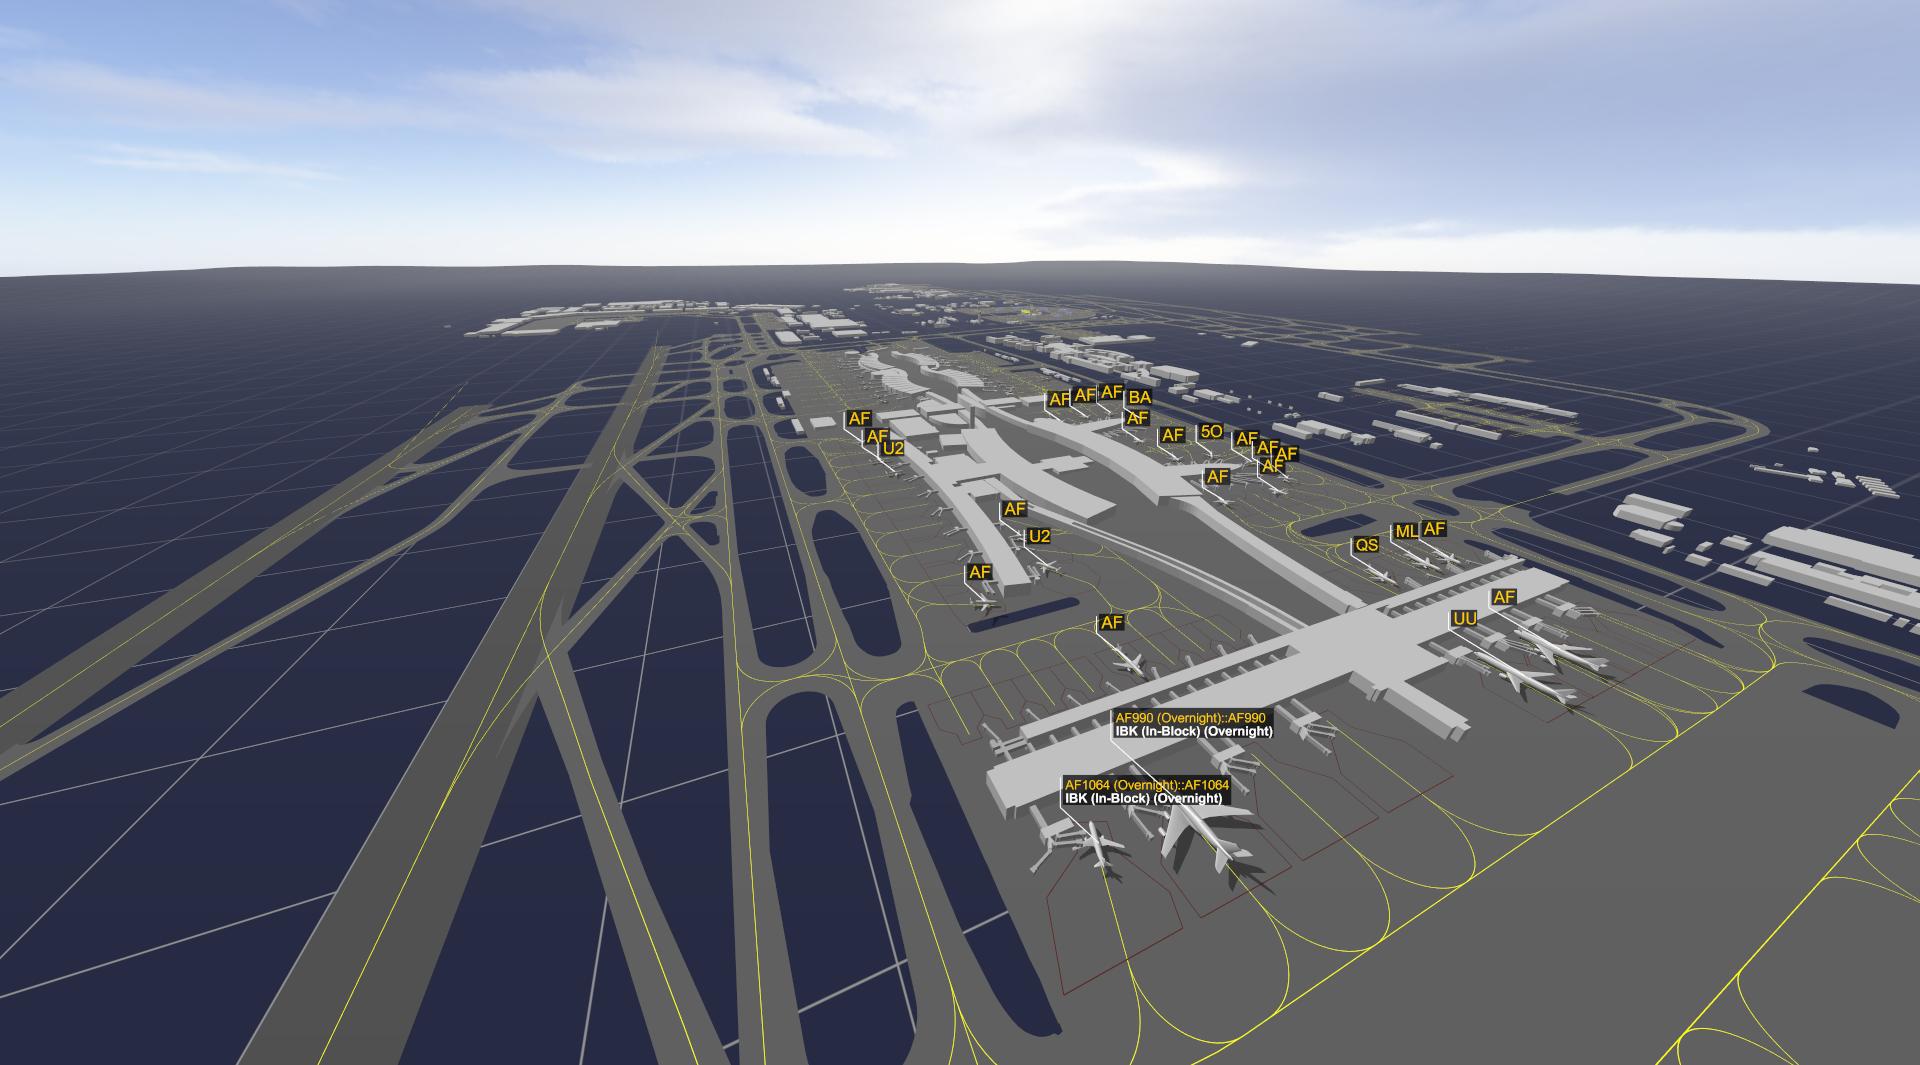 Airside Simulation